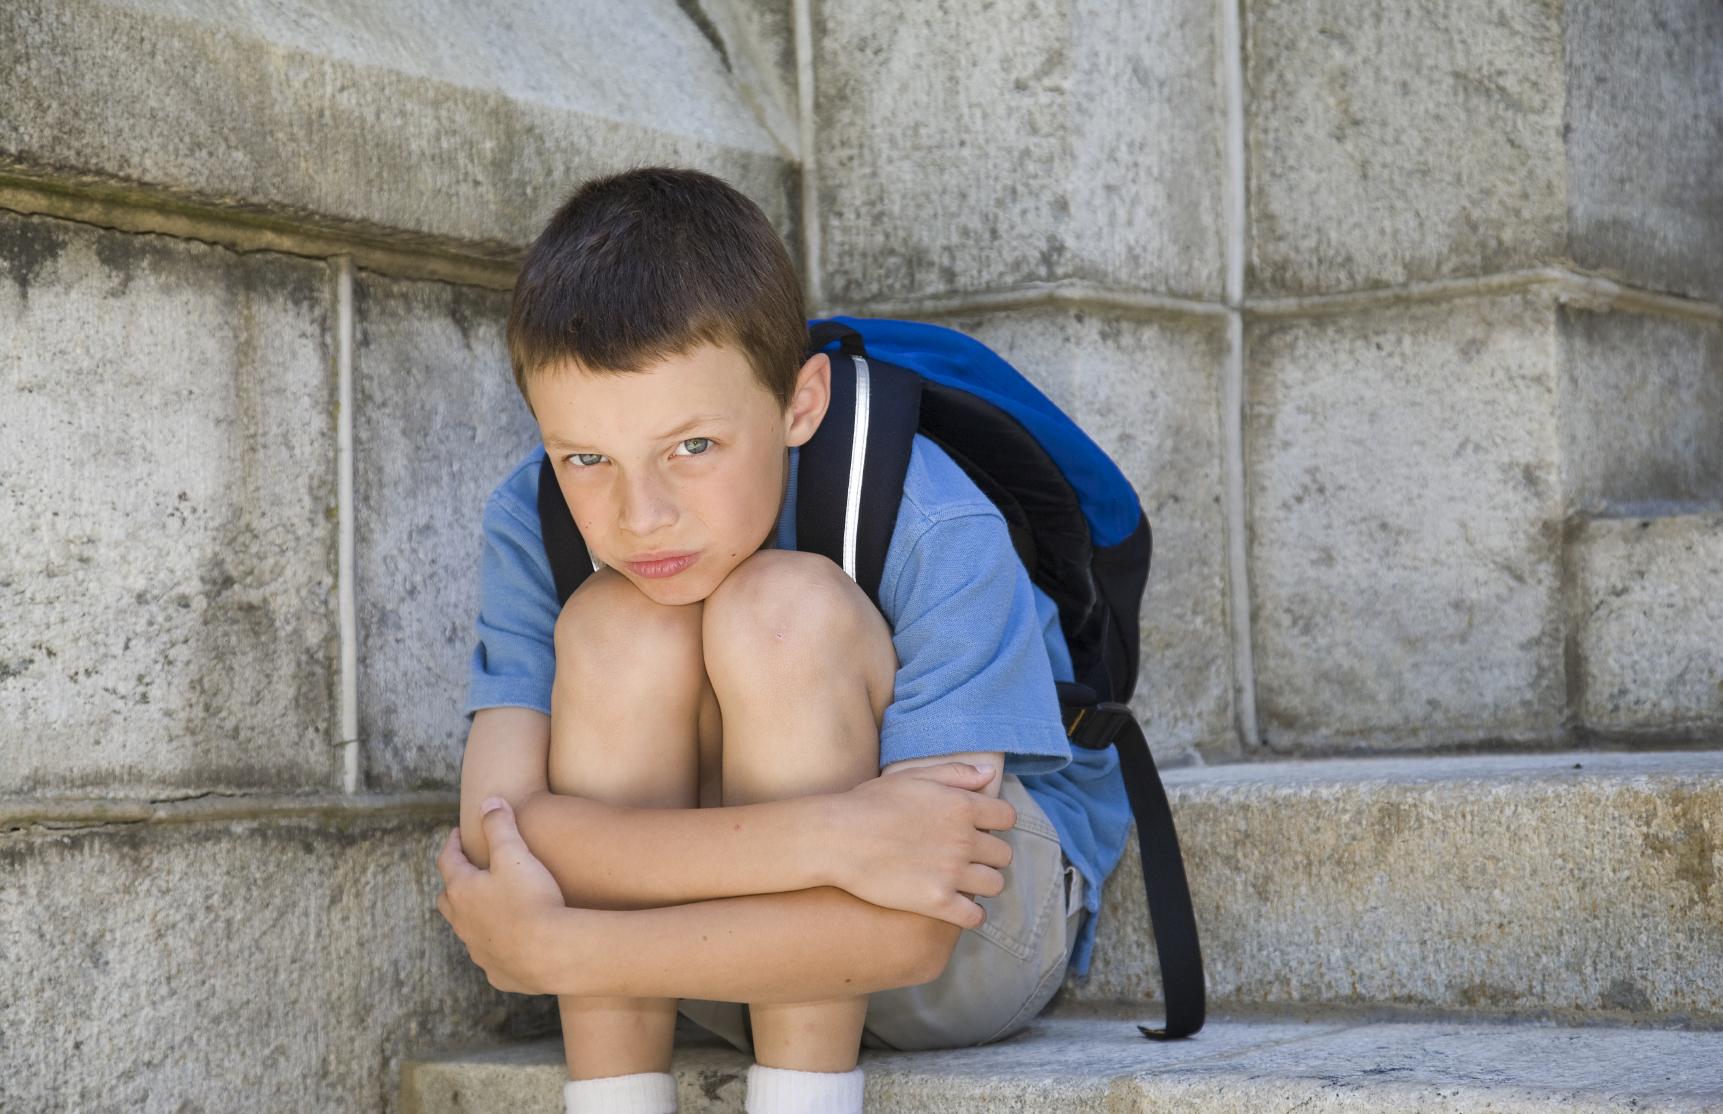 Фото детей в трудной жизненной ситуации